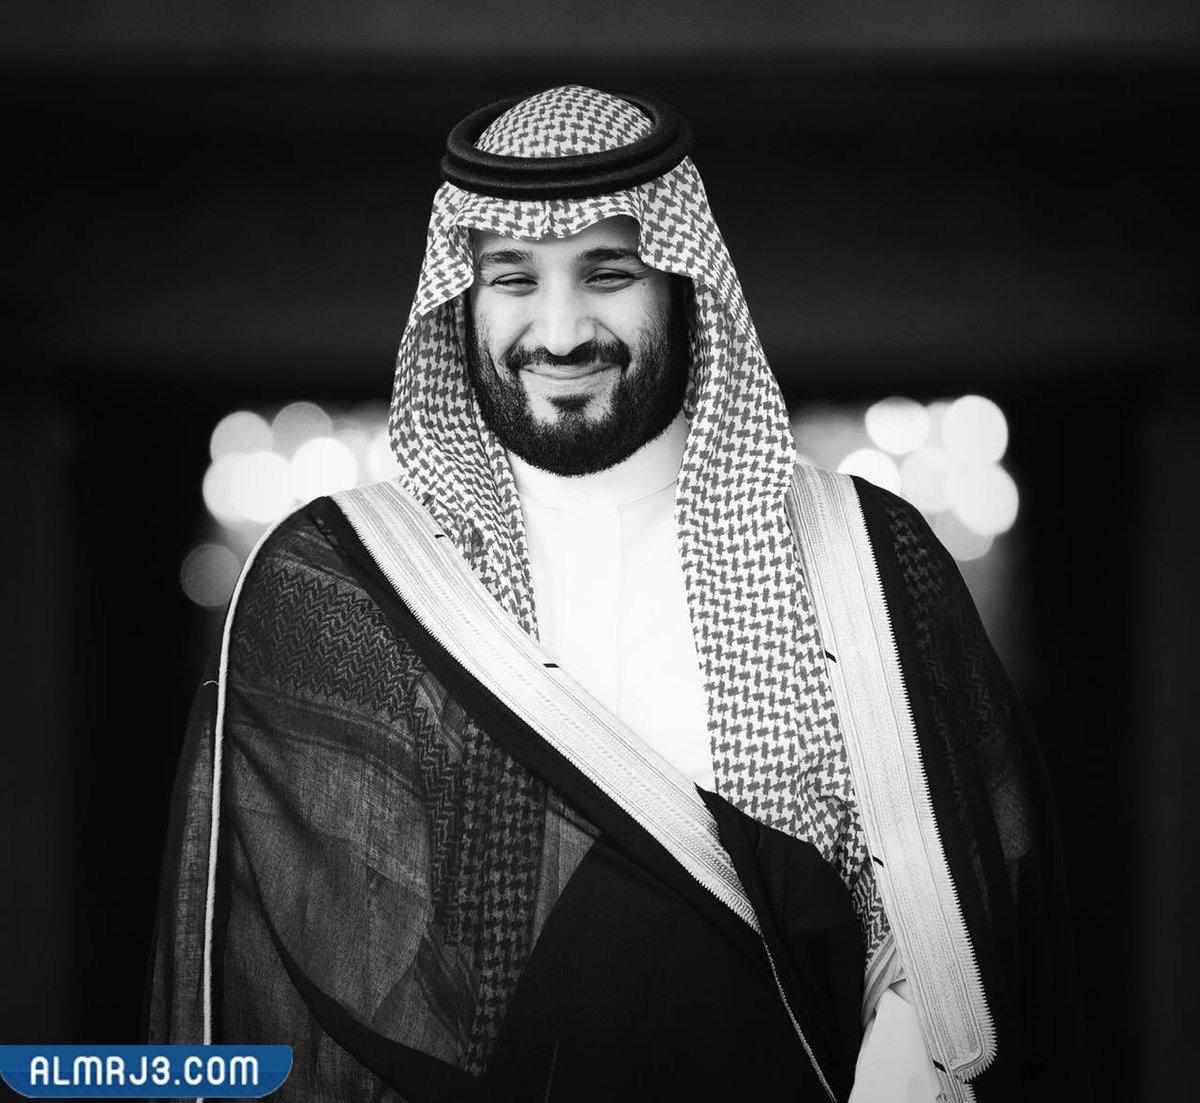 خلفيات الملك سلمان وولي العهد محمد بن سلمان